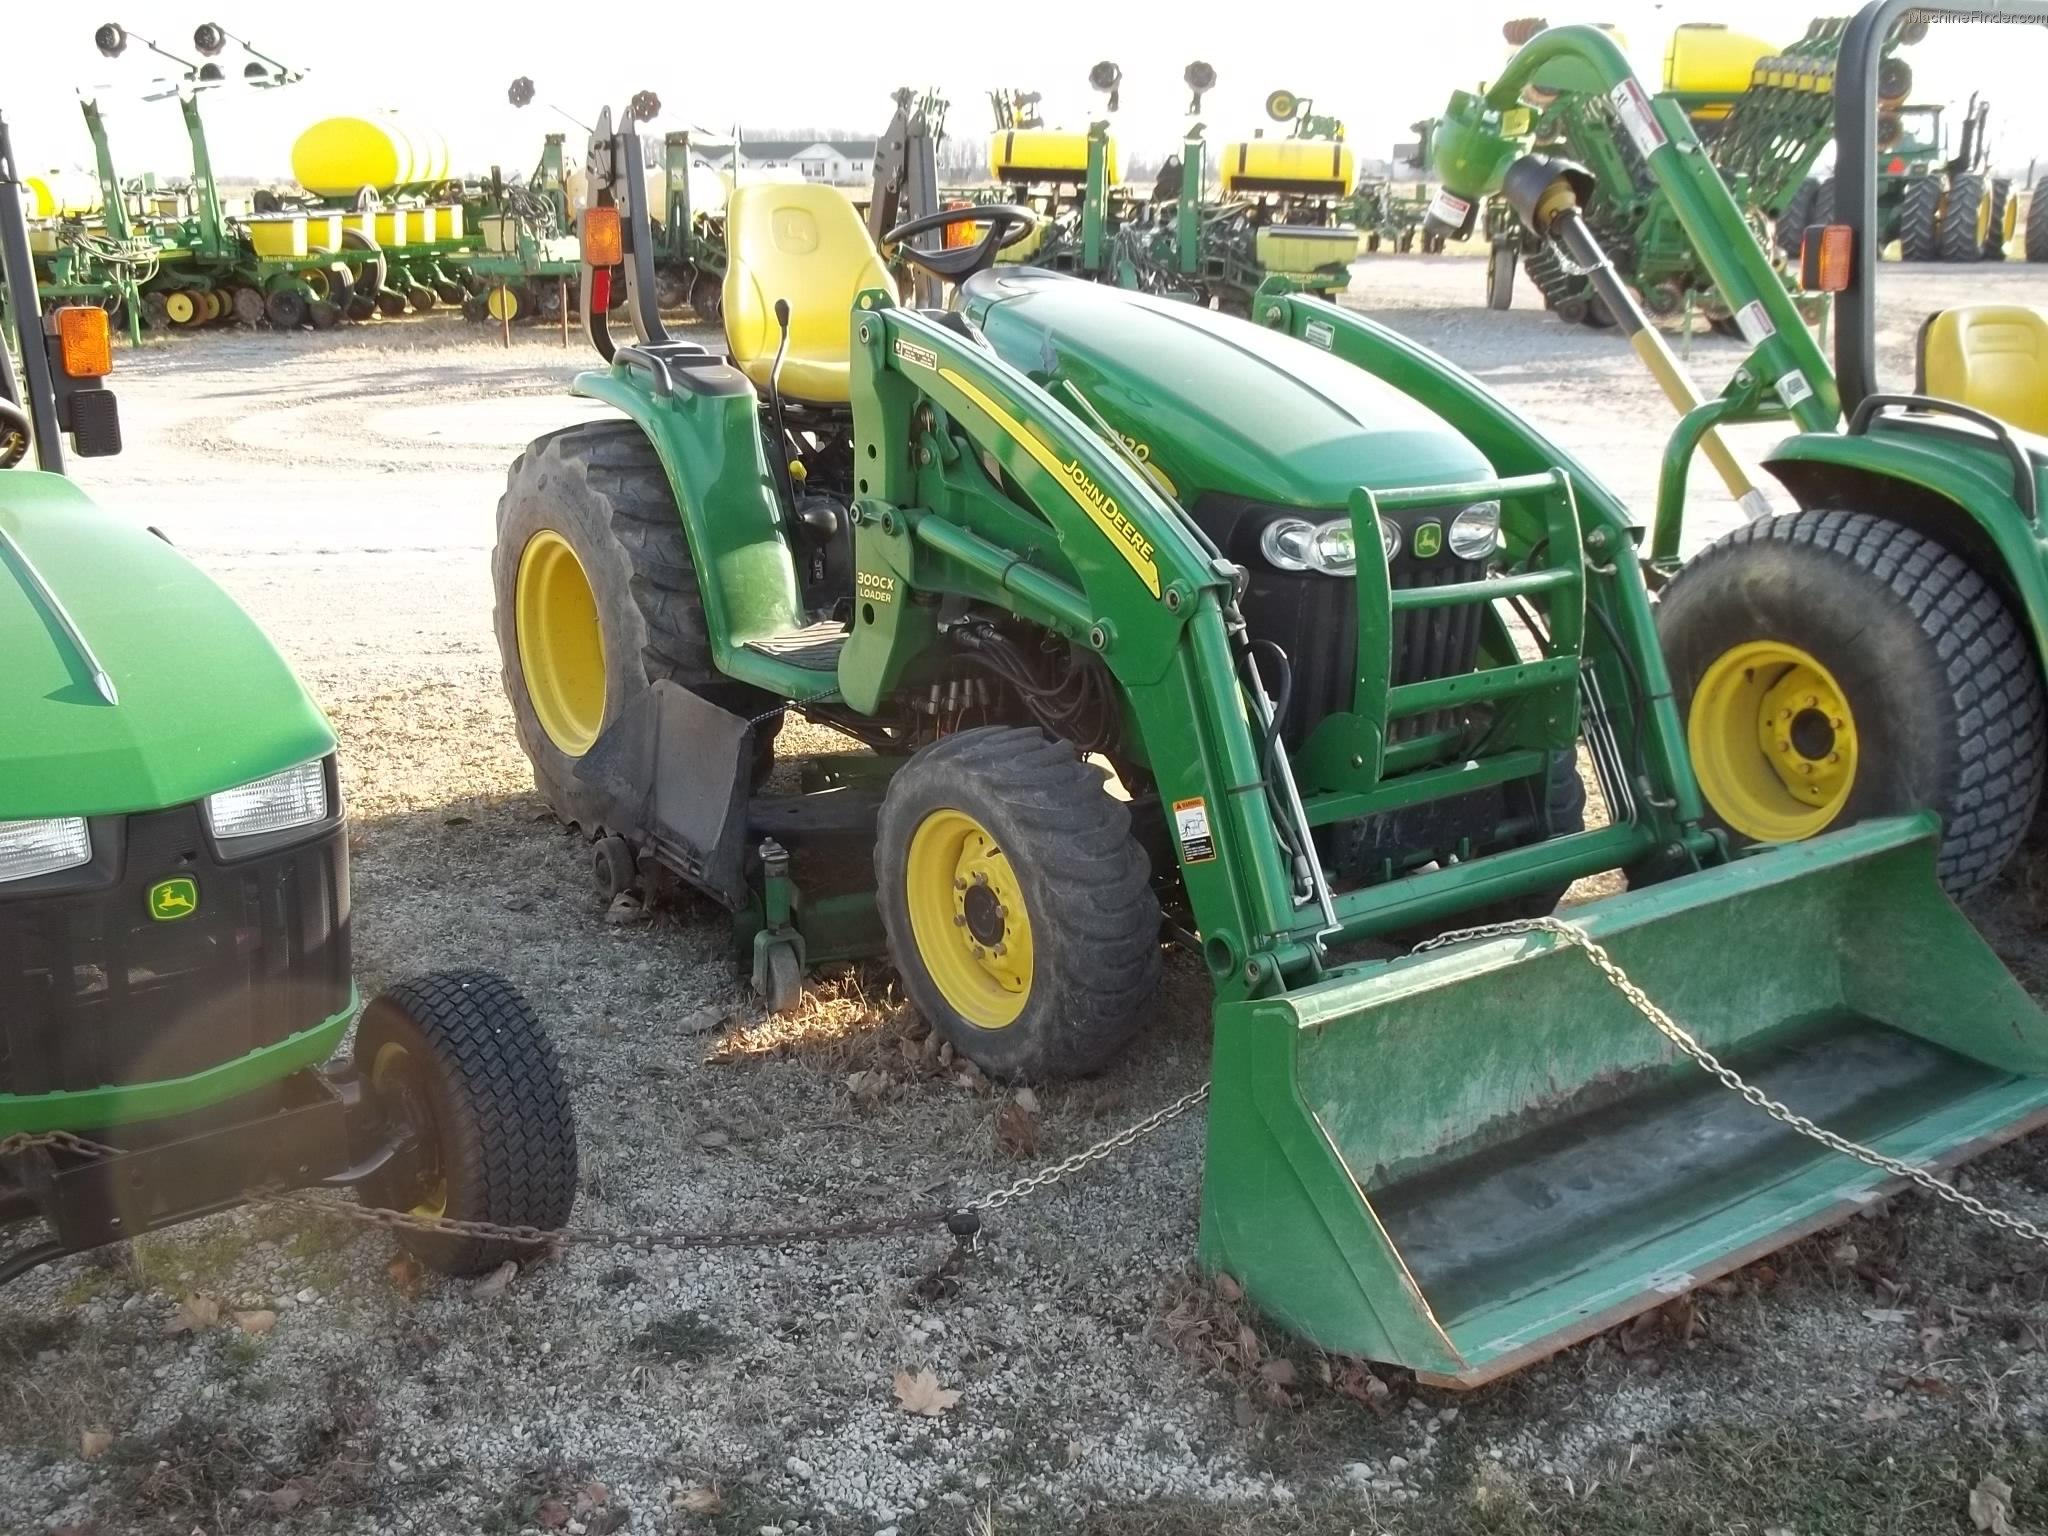 2005 John Deere 3120 Tractors - Compact (1-40hp.) - John Deere ...